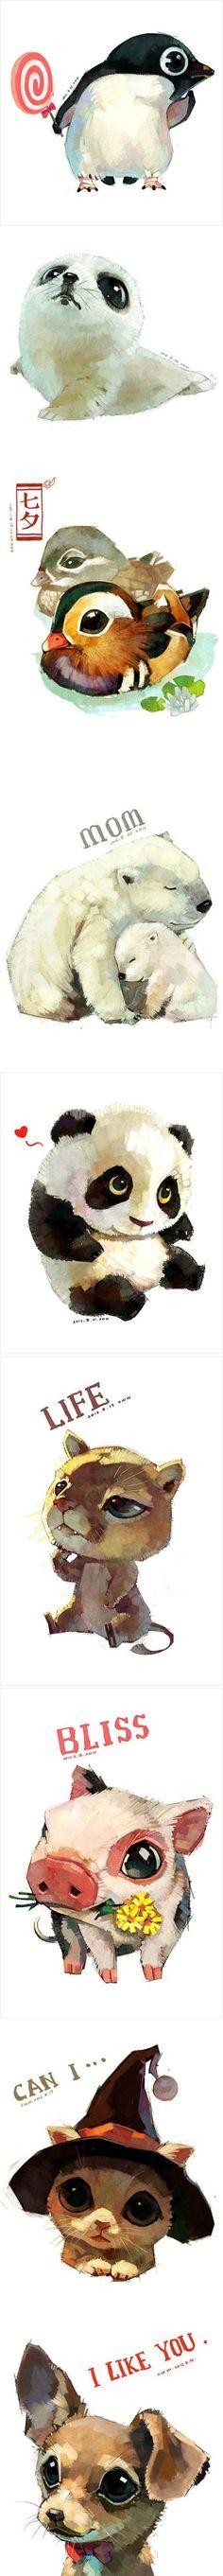 Cute drawings!